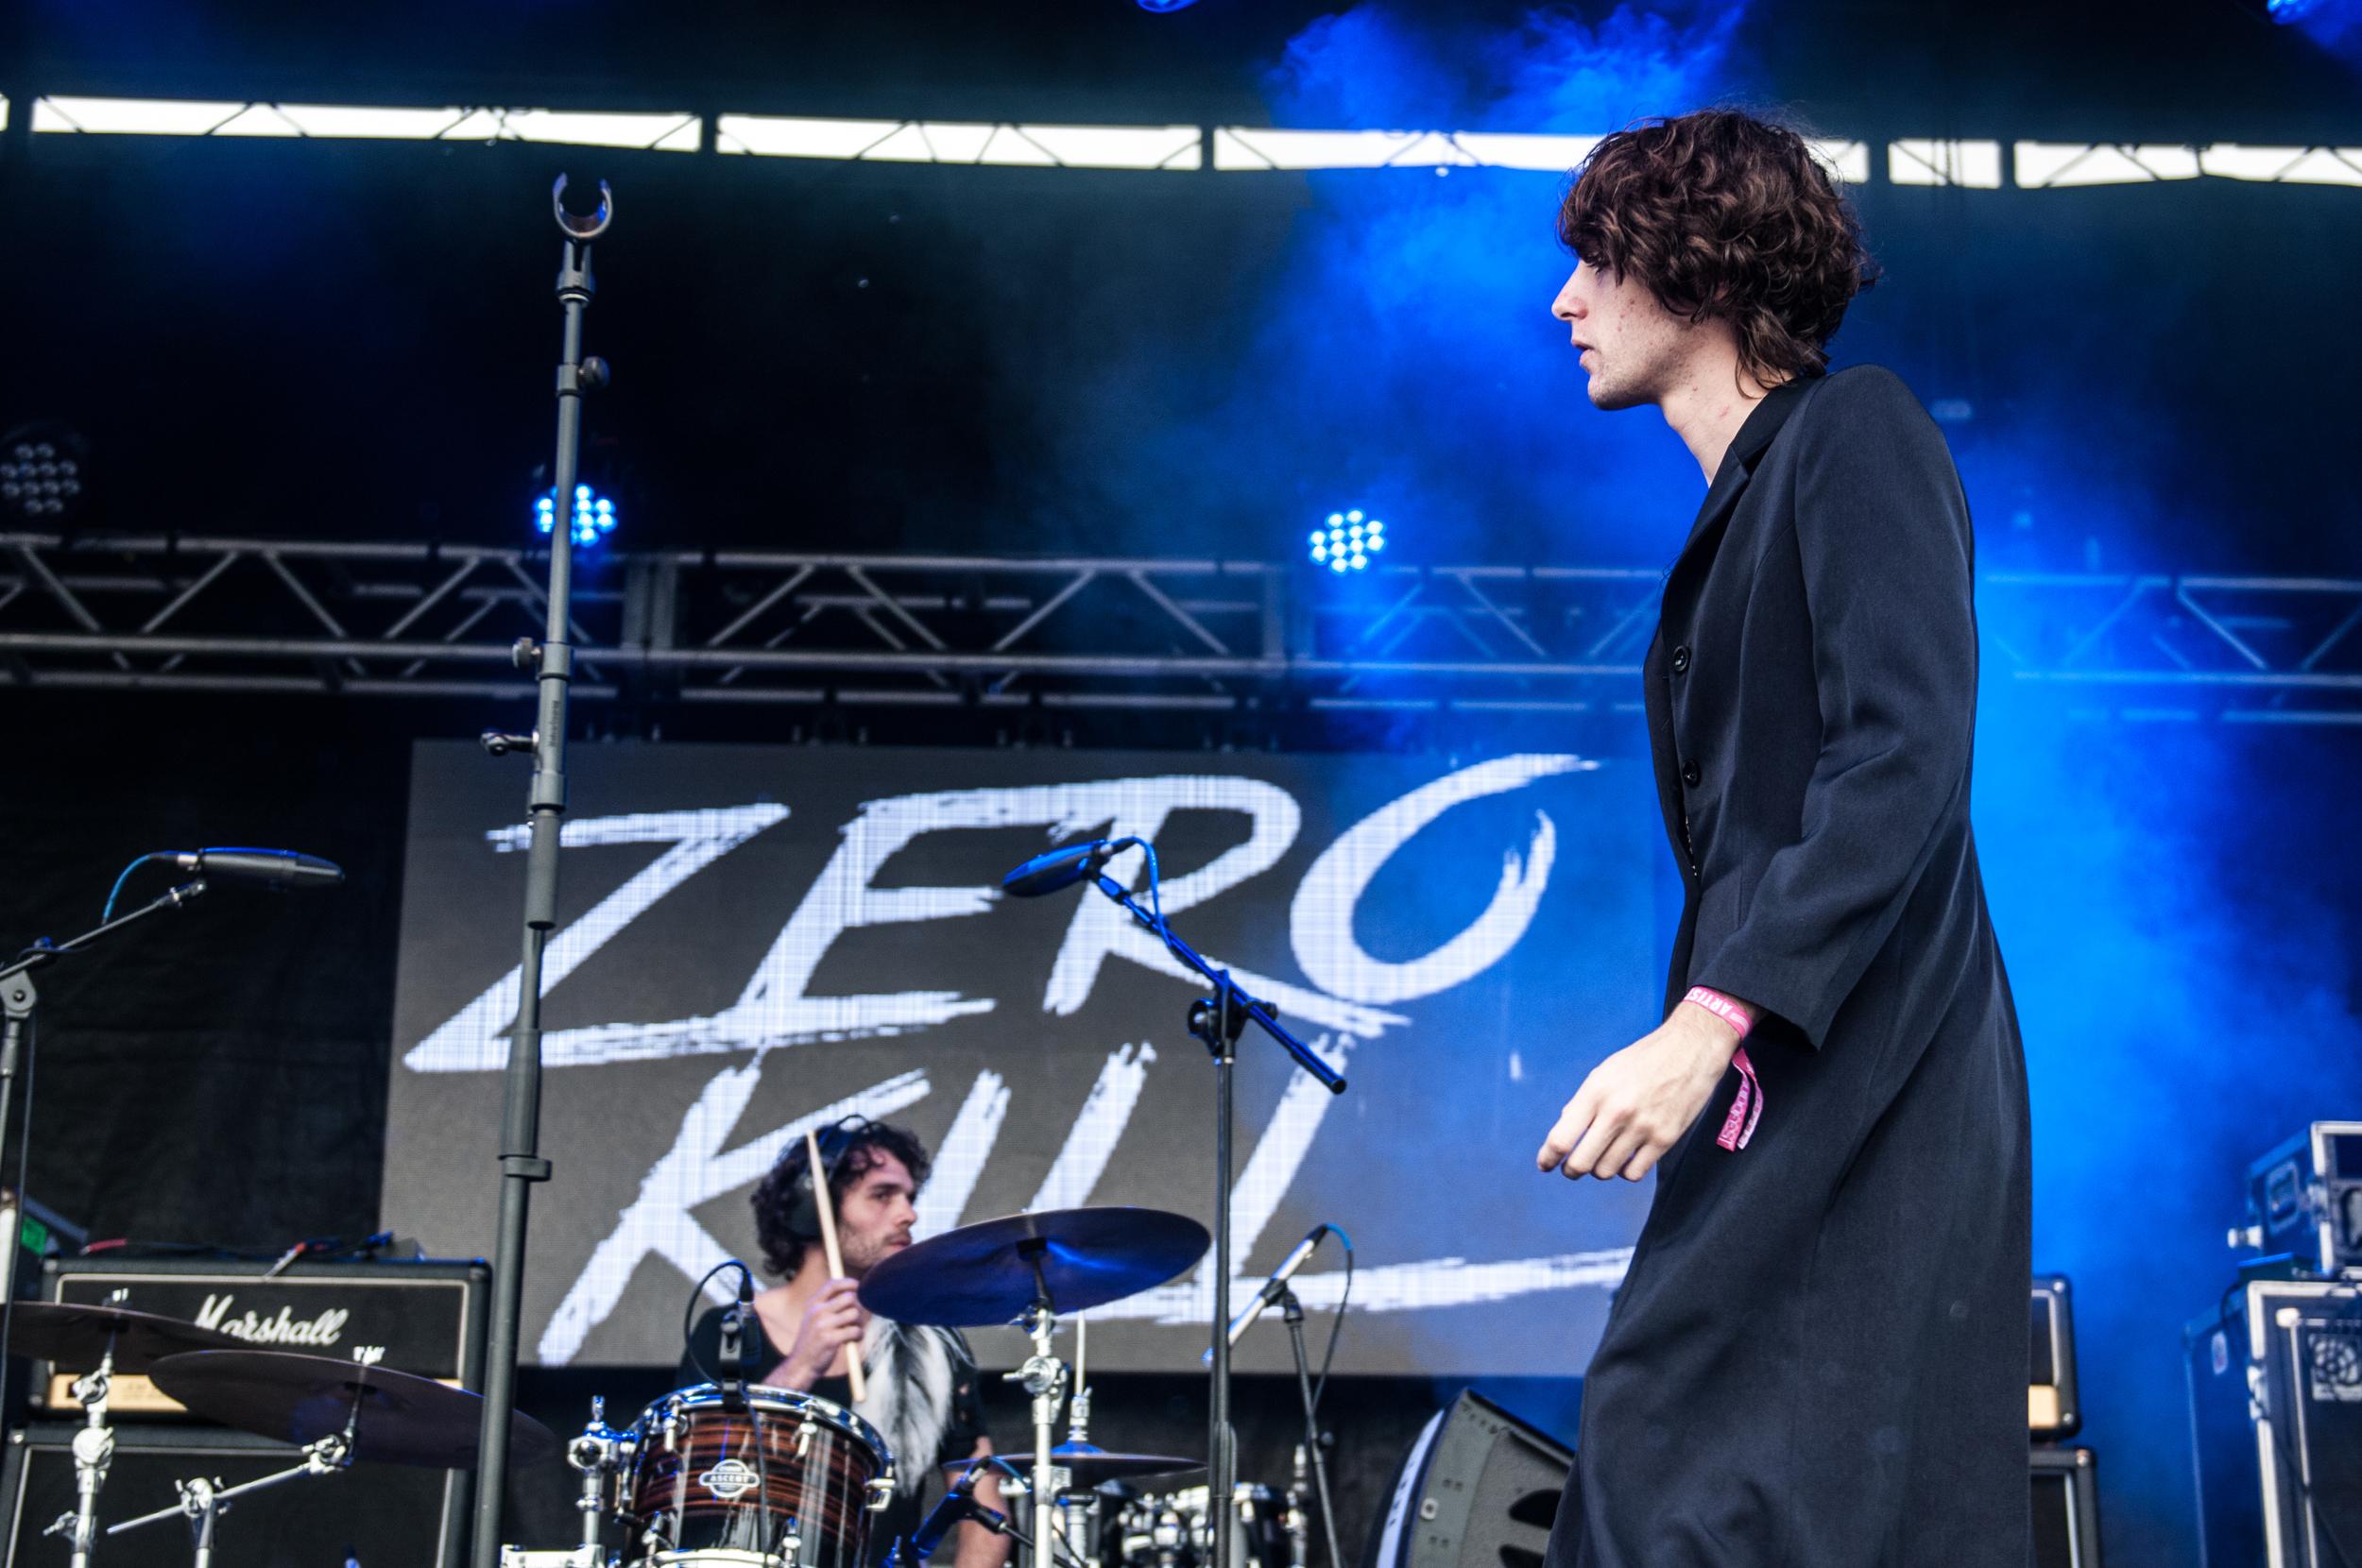 BENITO CERATI en ACCION con ZERO KILL en RUIDO FEST 2015